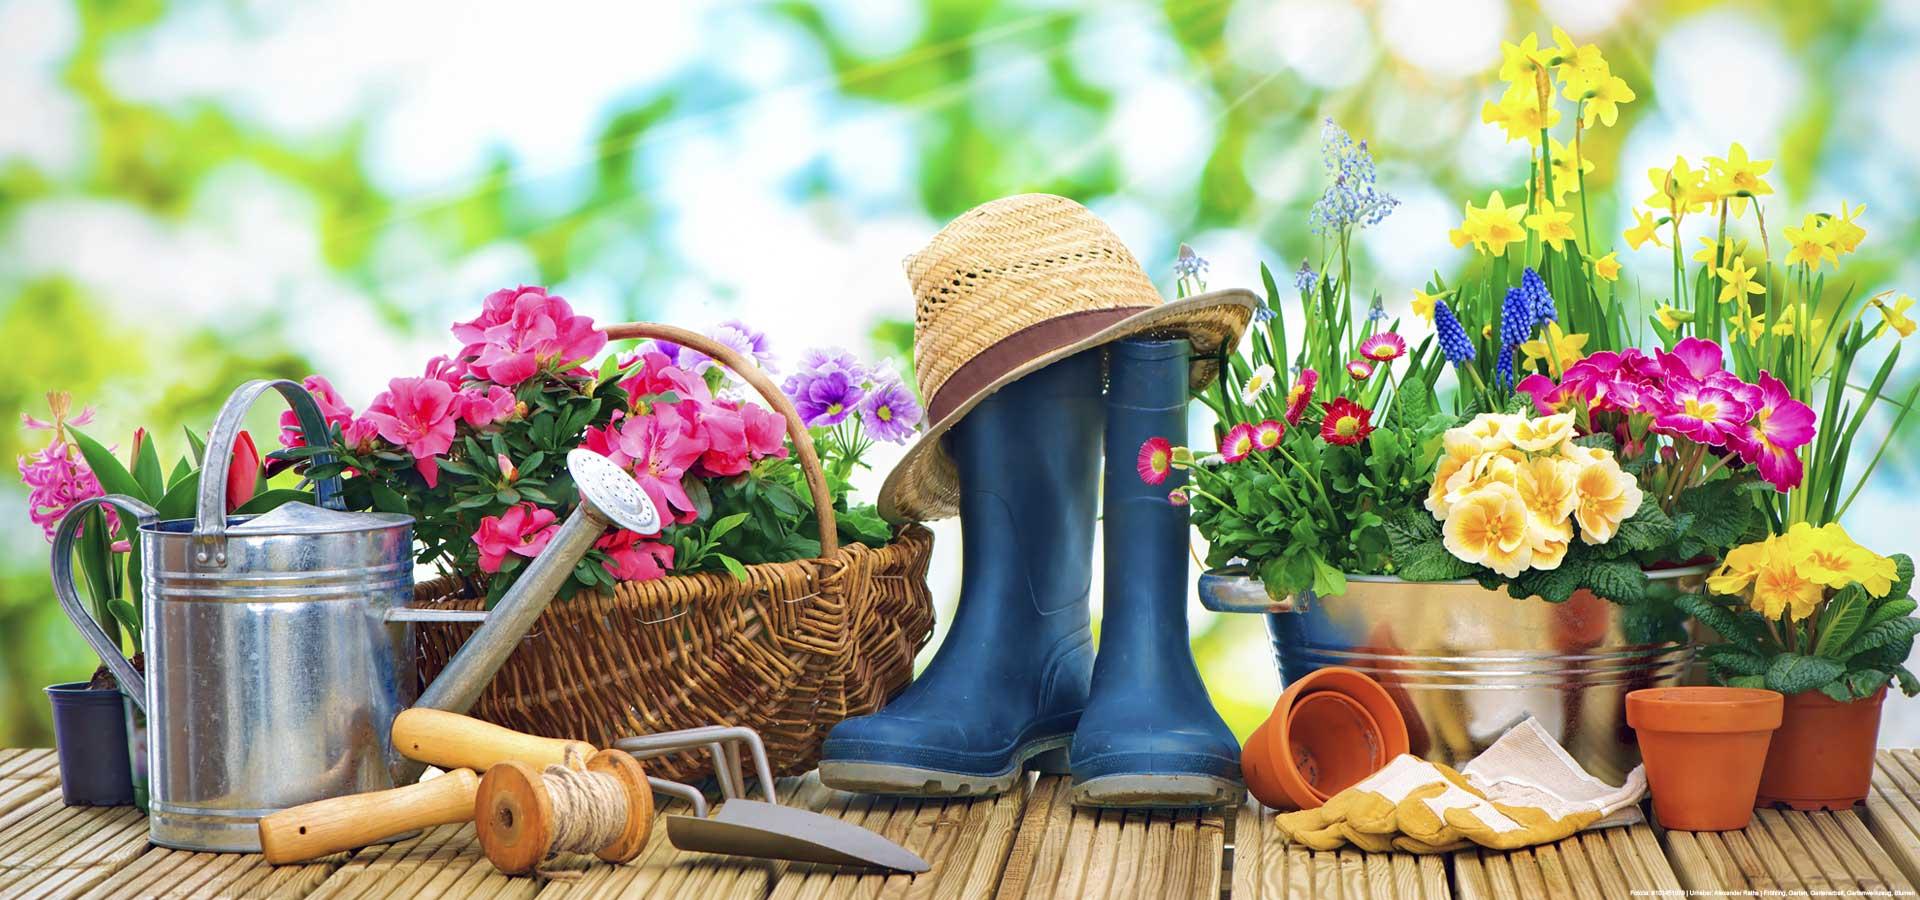 Gartenpflege in Billstedt in voller Pracht